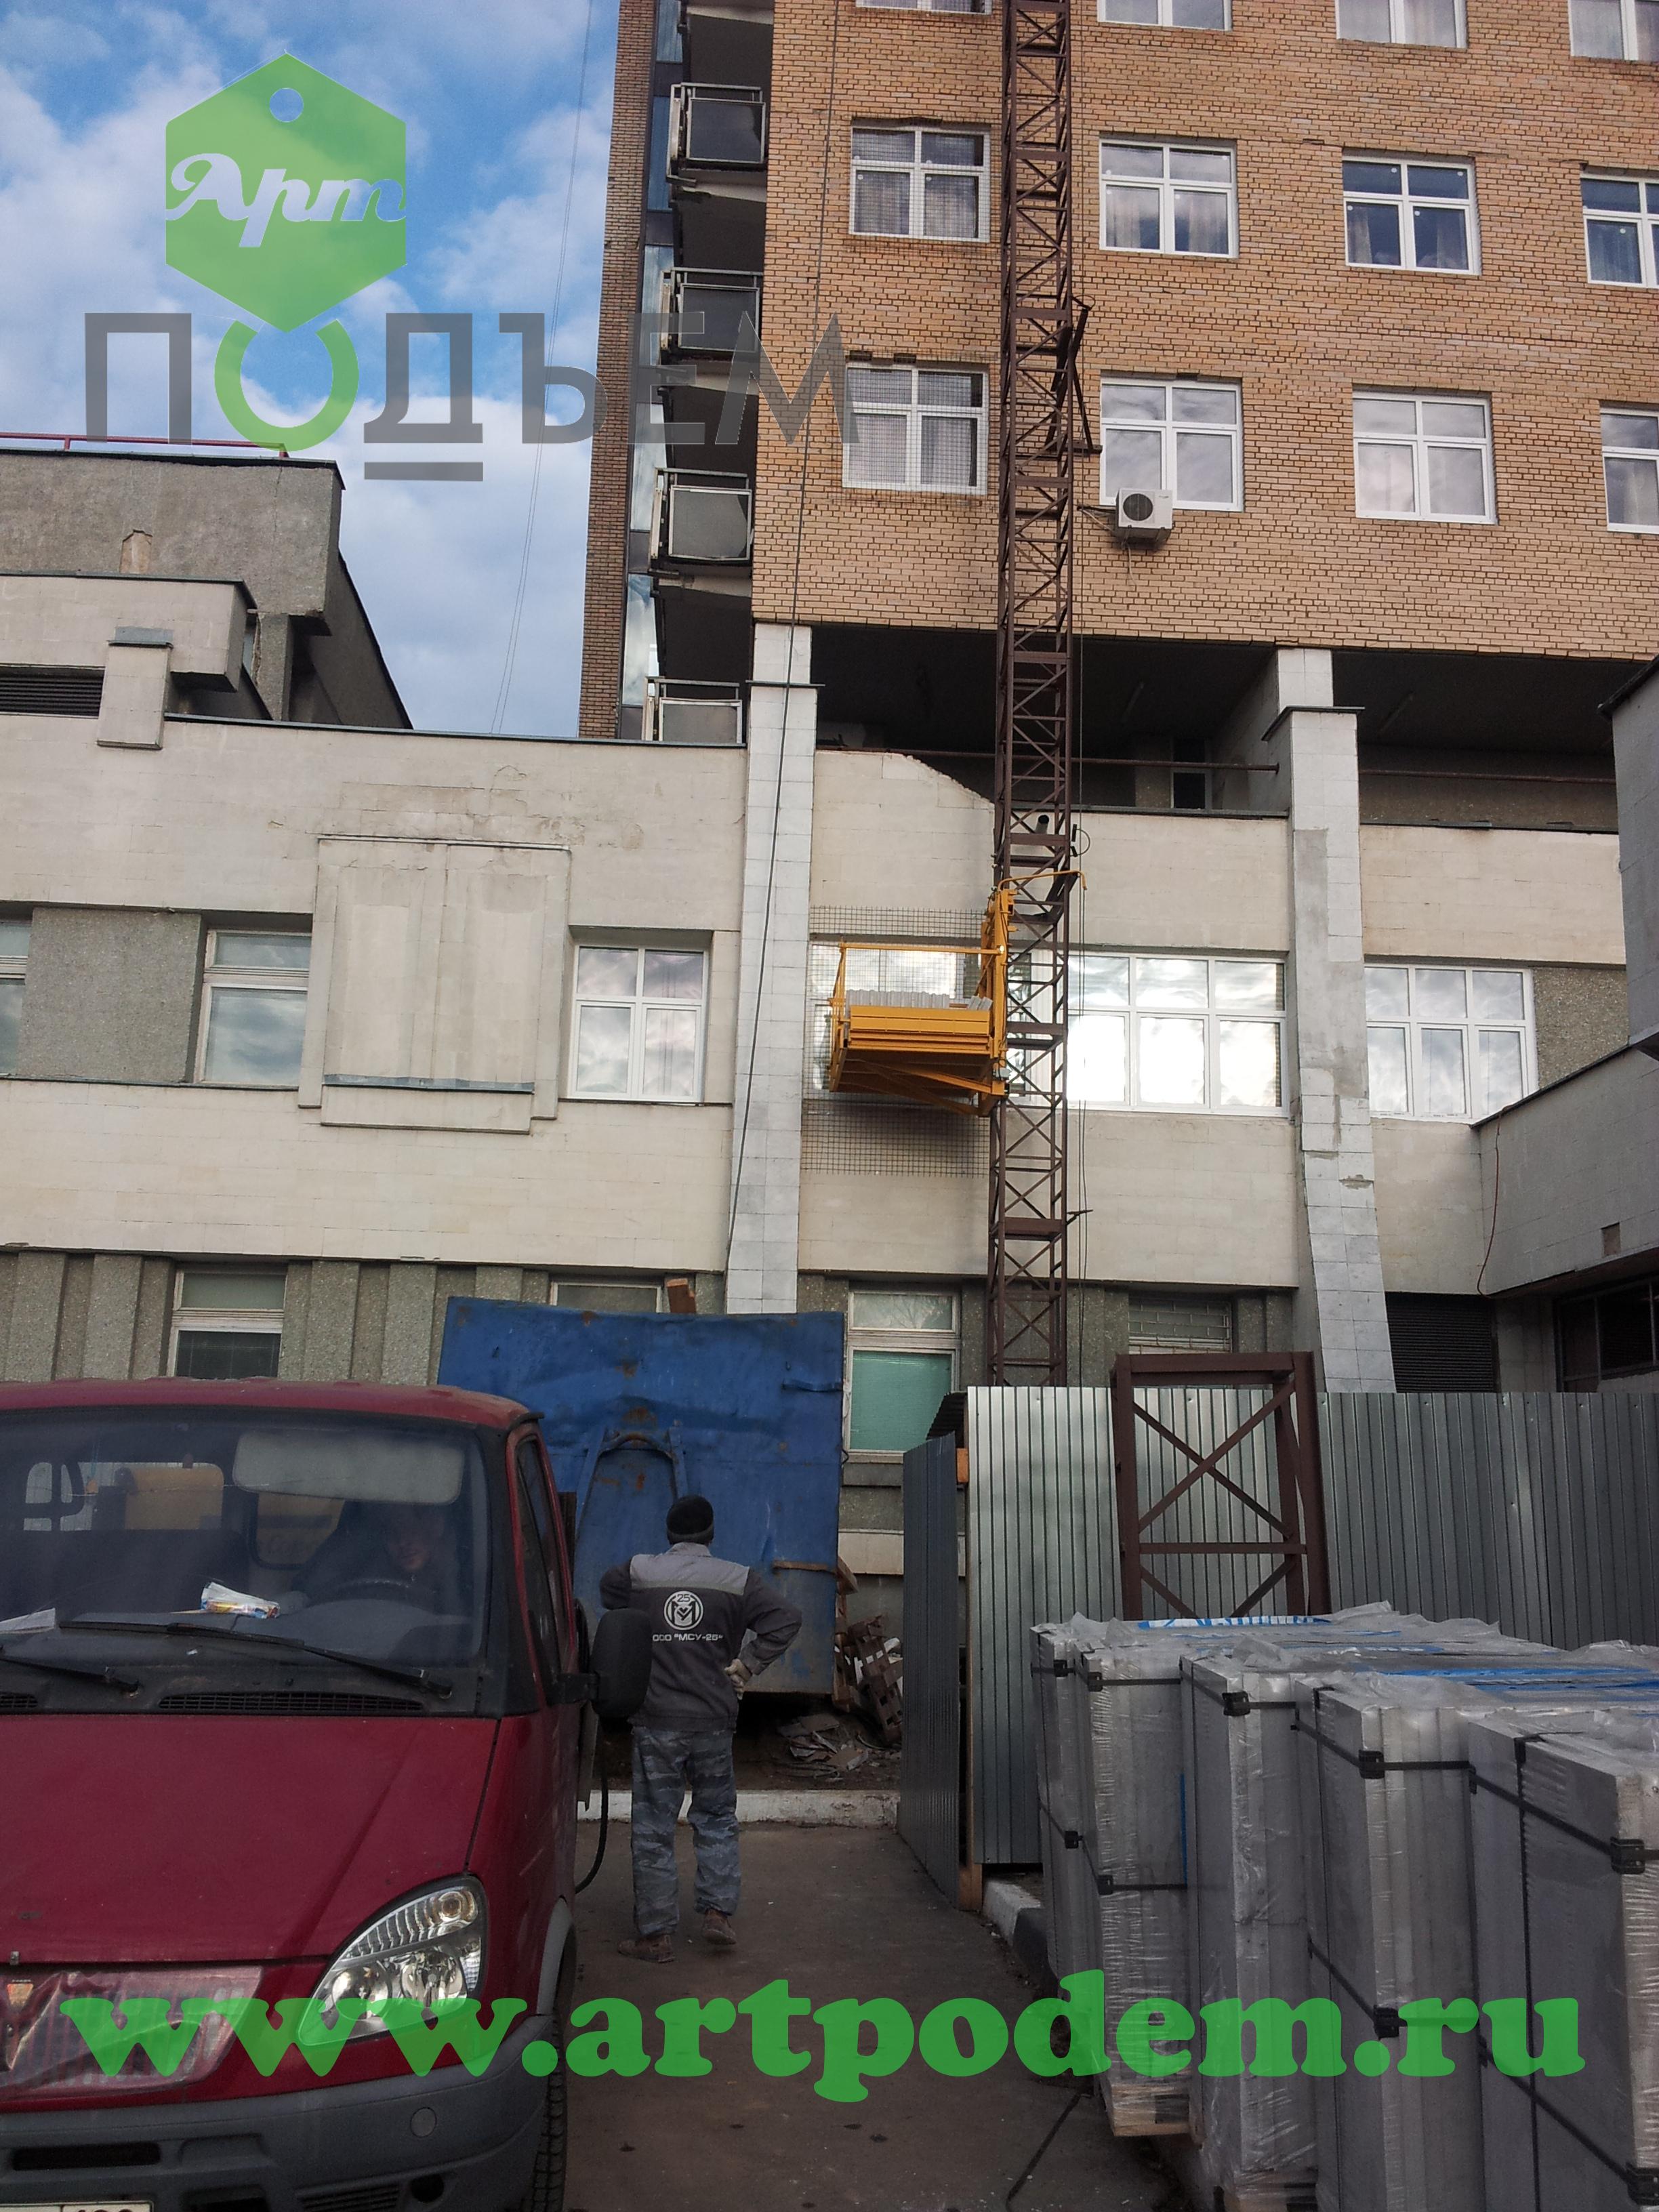 Подъемники ПМГ-750 и ПМГ-1500 в военный госпиталь им. Вишневского